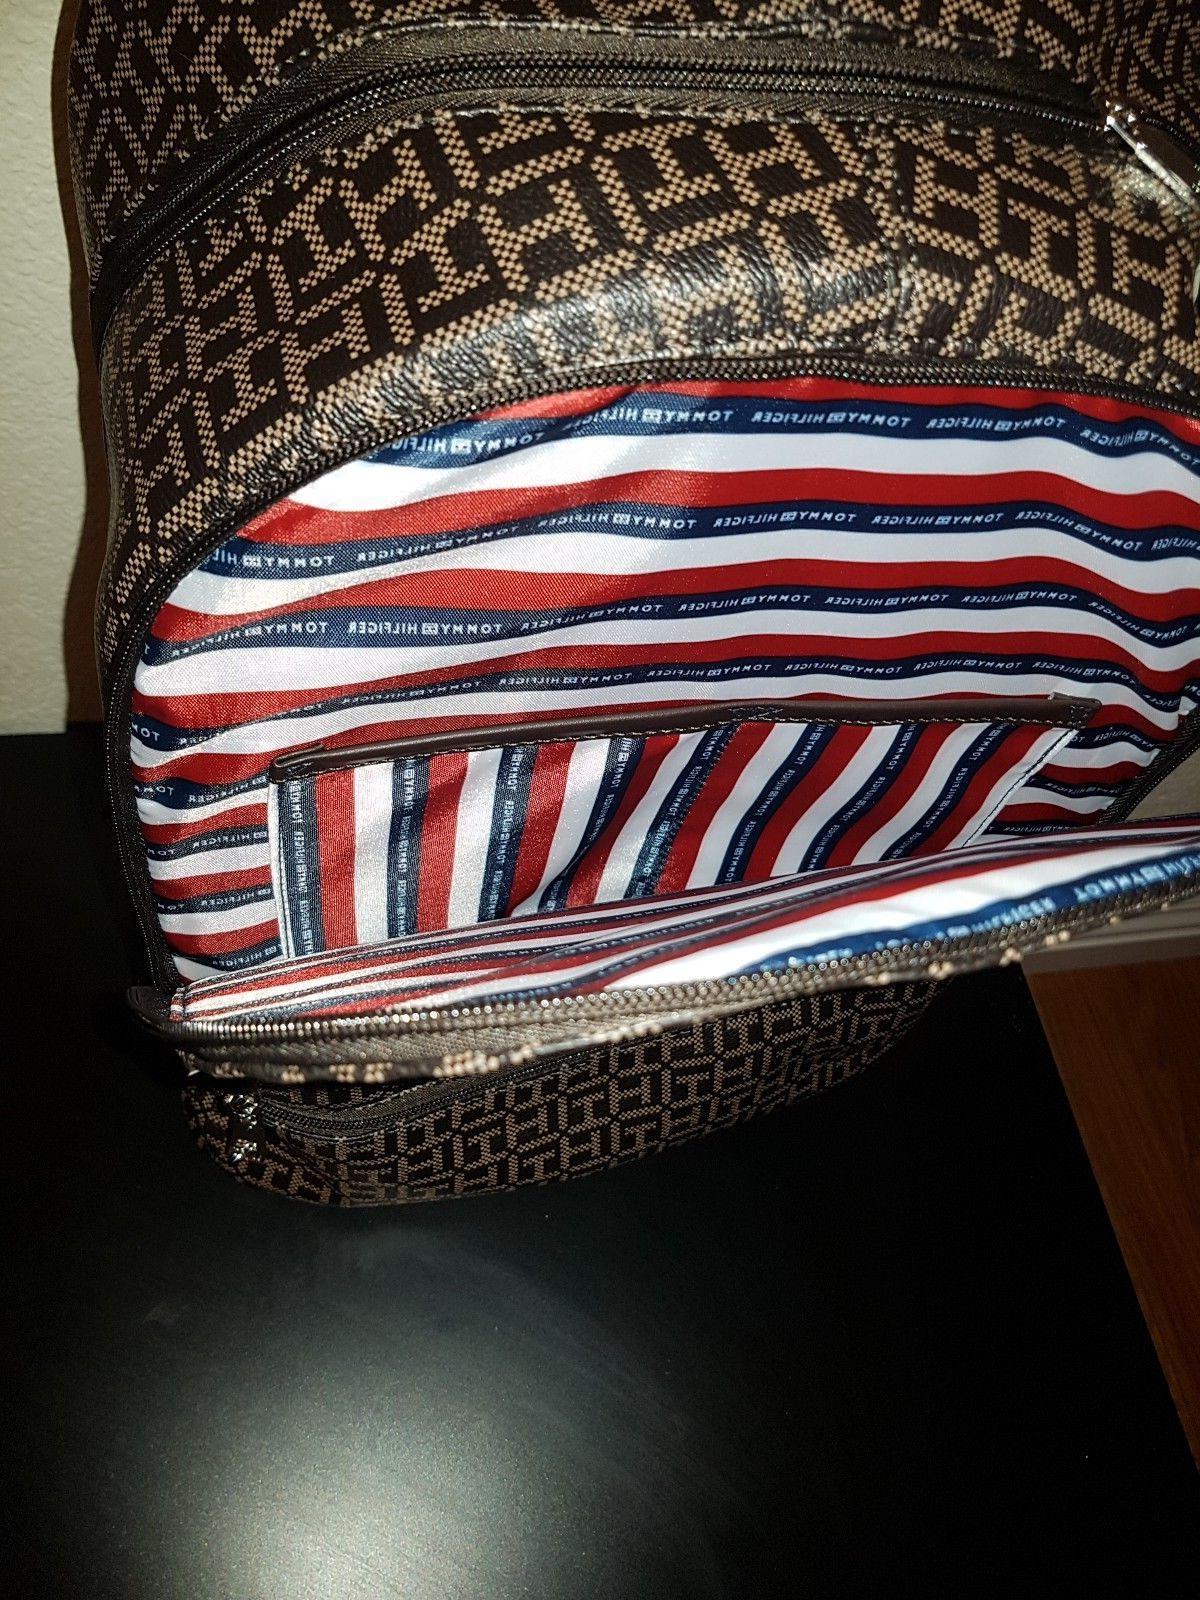 Tommy Hilfiger Dome Backpack Pockets Book Bag School